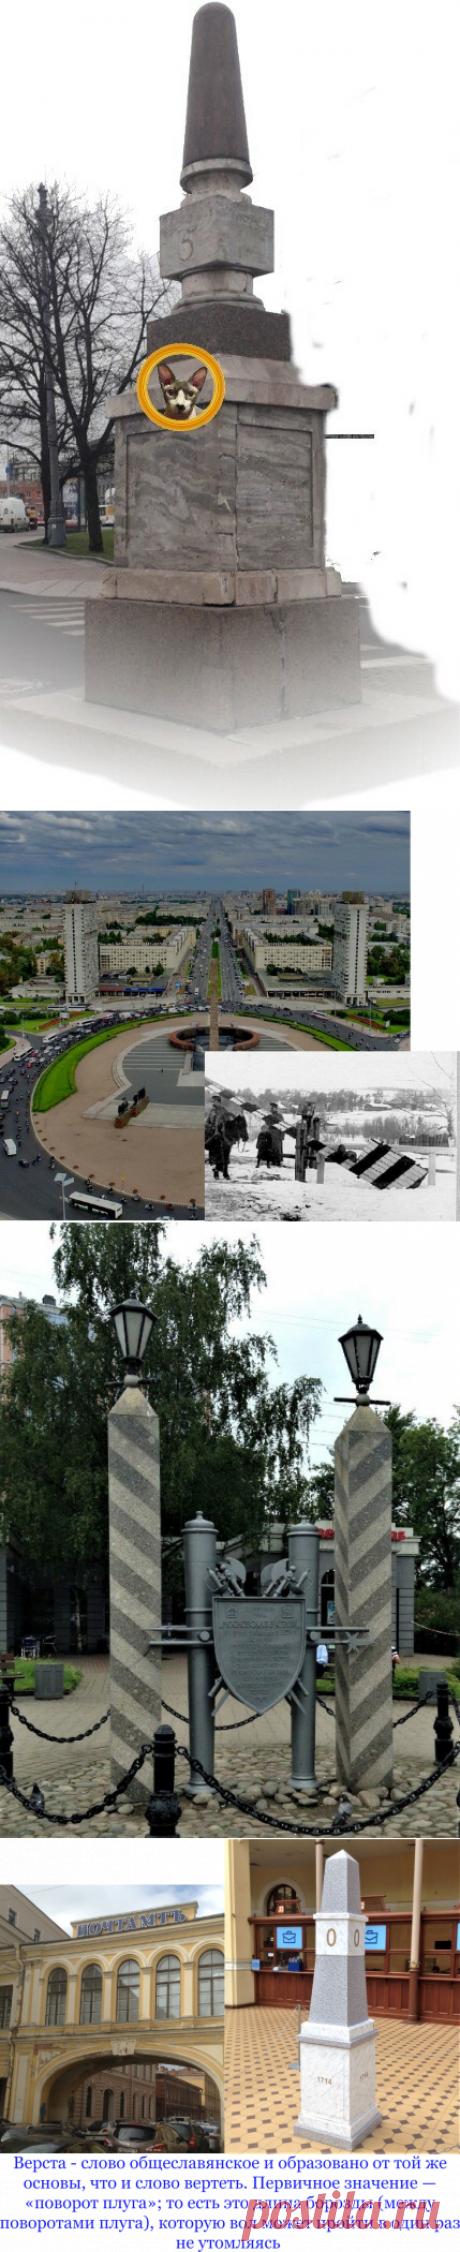 Все дороги Империи начинались отсюда | Истории людей, вещей и мест | Яндекс Дзен